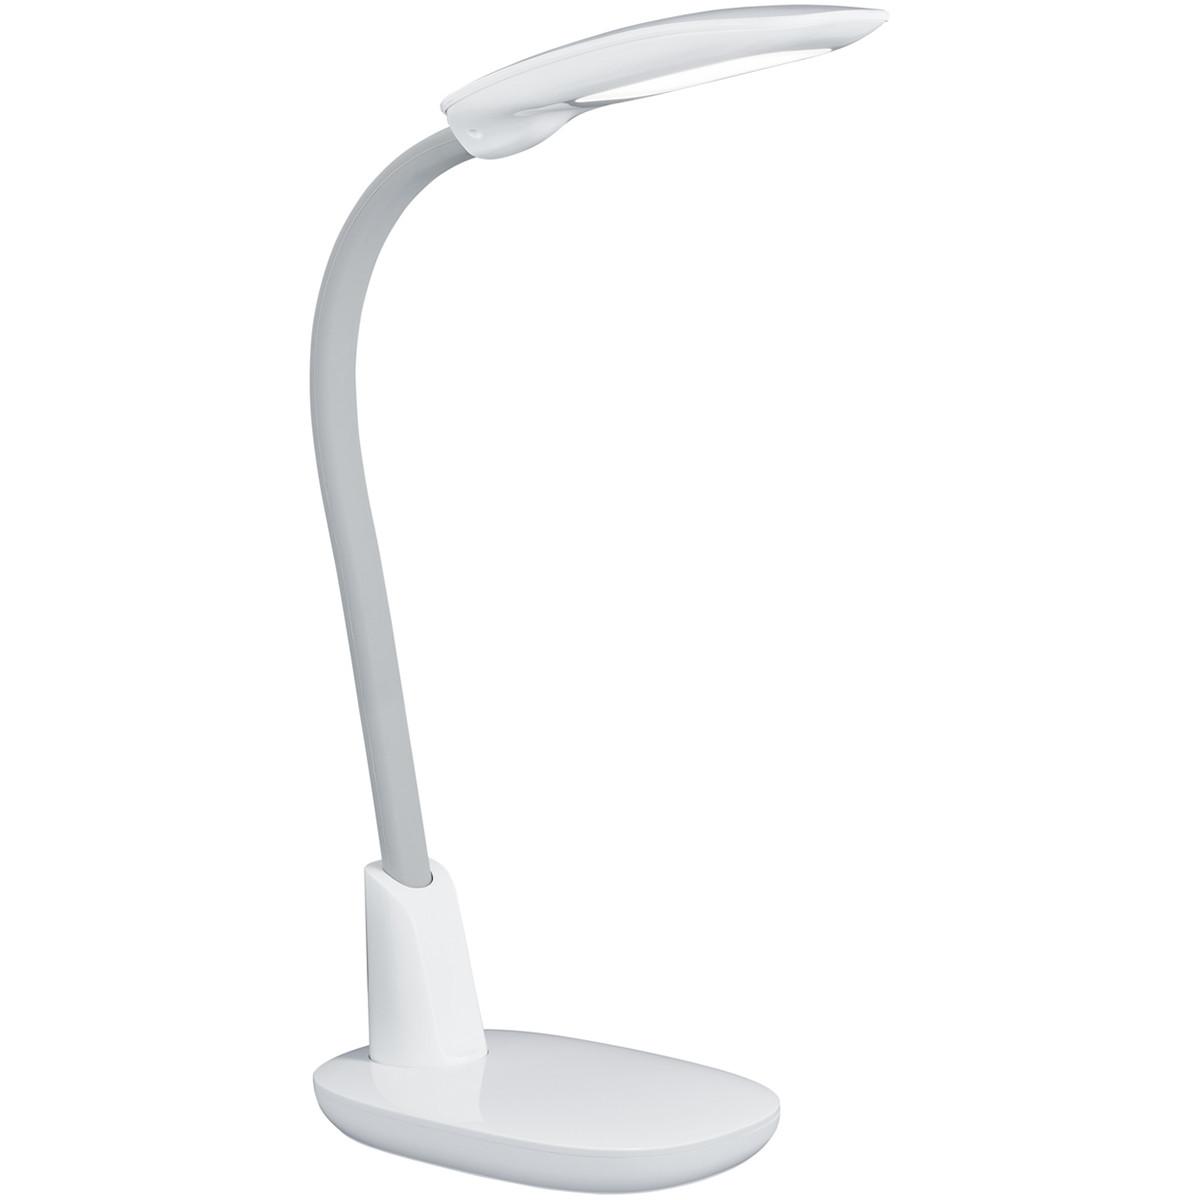 LED Tafellamp - Tafelverlichting - Trion Grino - 9W - Dimbaar - USB Oplaadbaar - Mat Wit - Kunststof